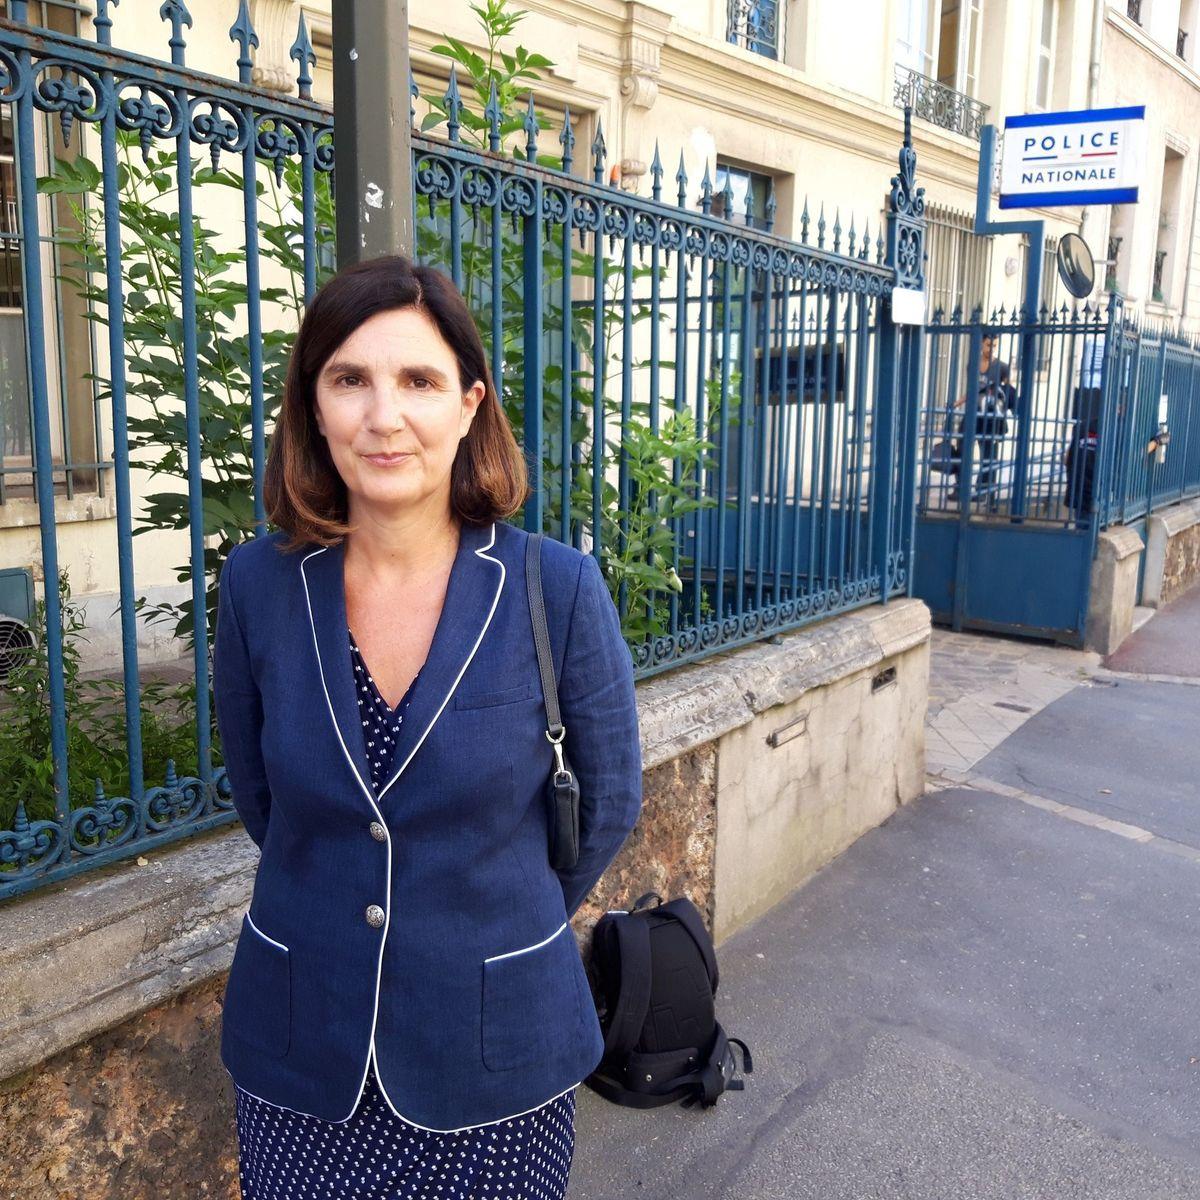 rencontre direct gay identity à Saint-Germain-en-Laye